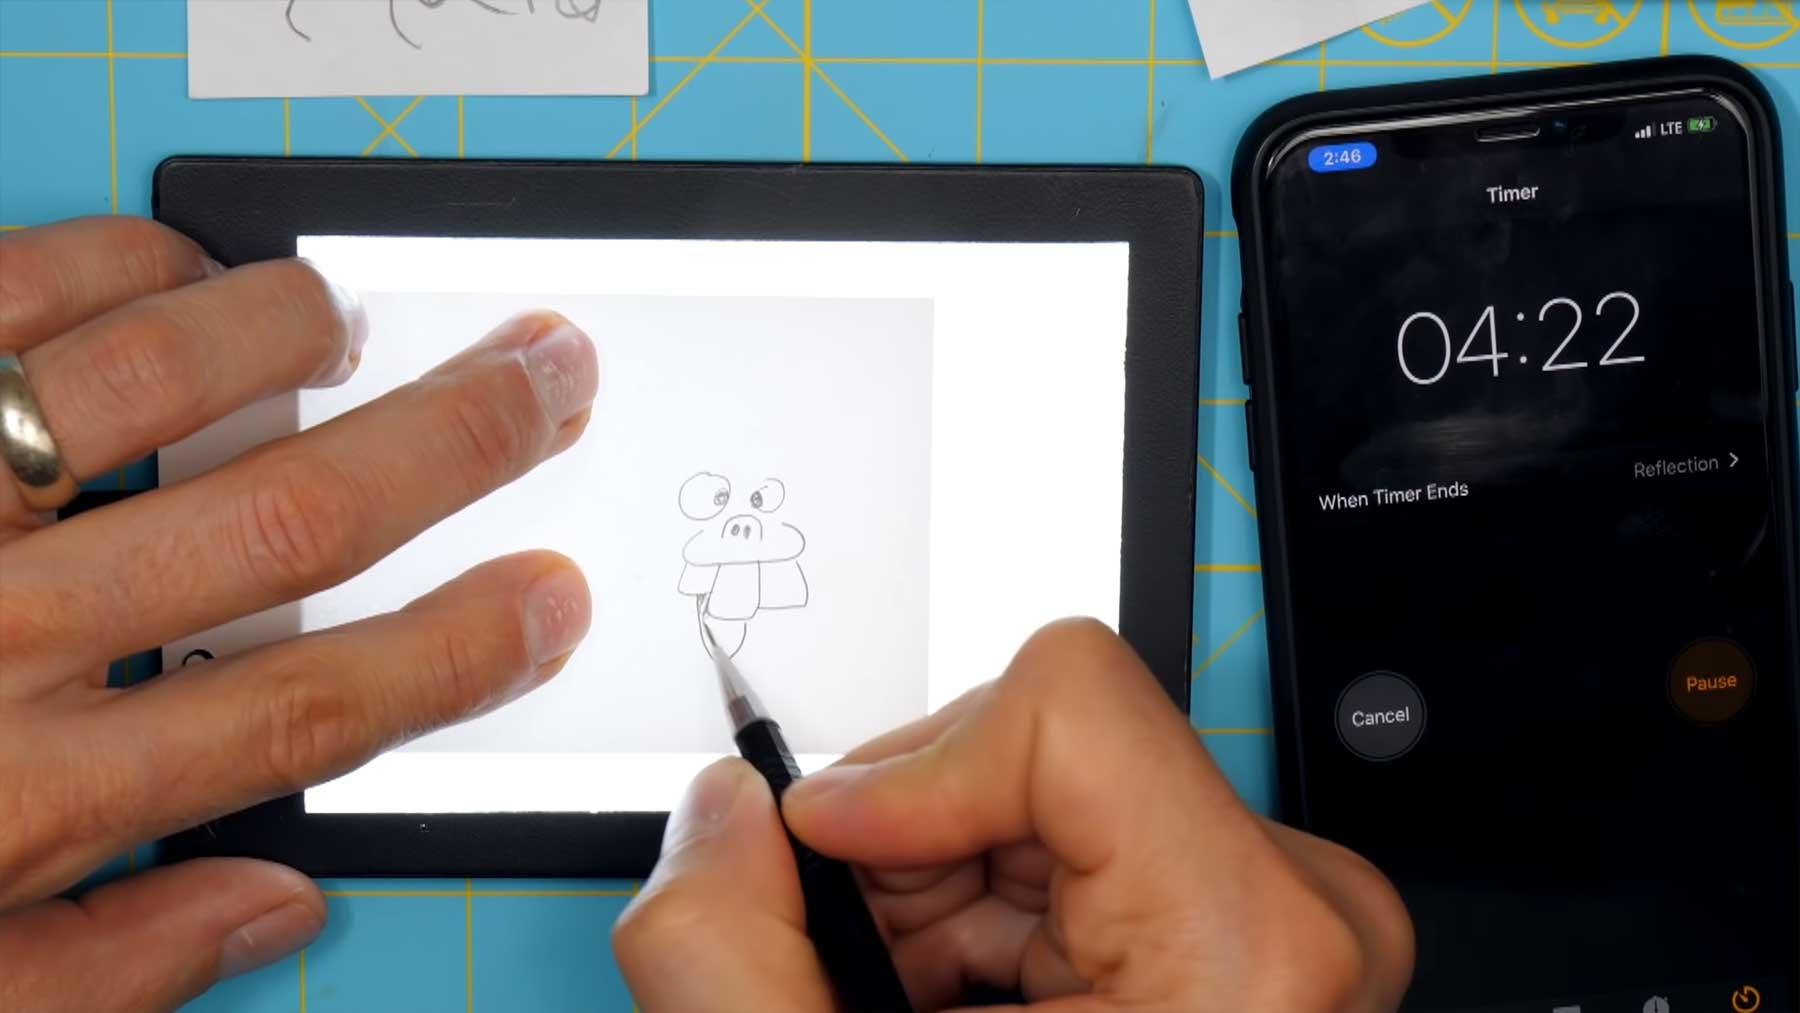 Daumenkino innerhalb von 5 Minuten zeichnen daumenkino-in-5-minuten-zeichnen